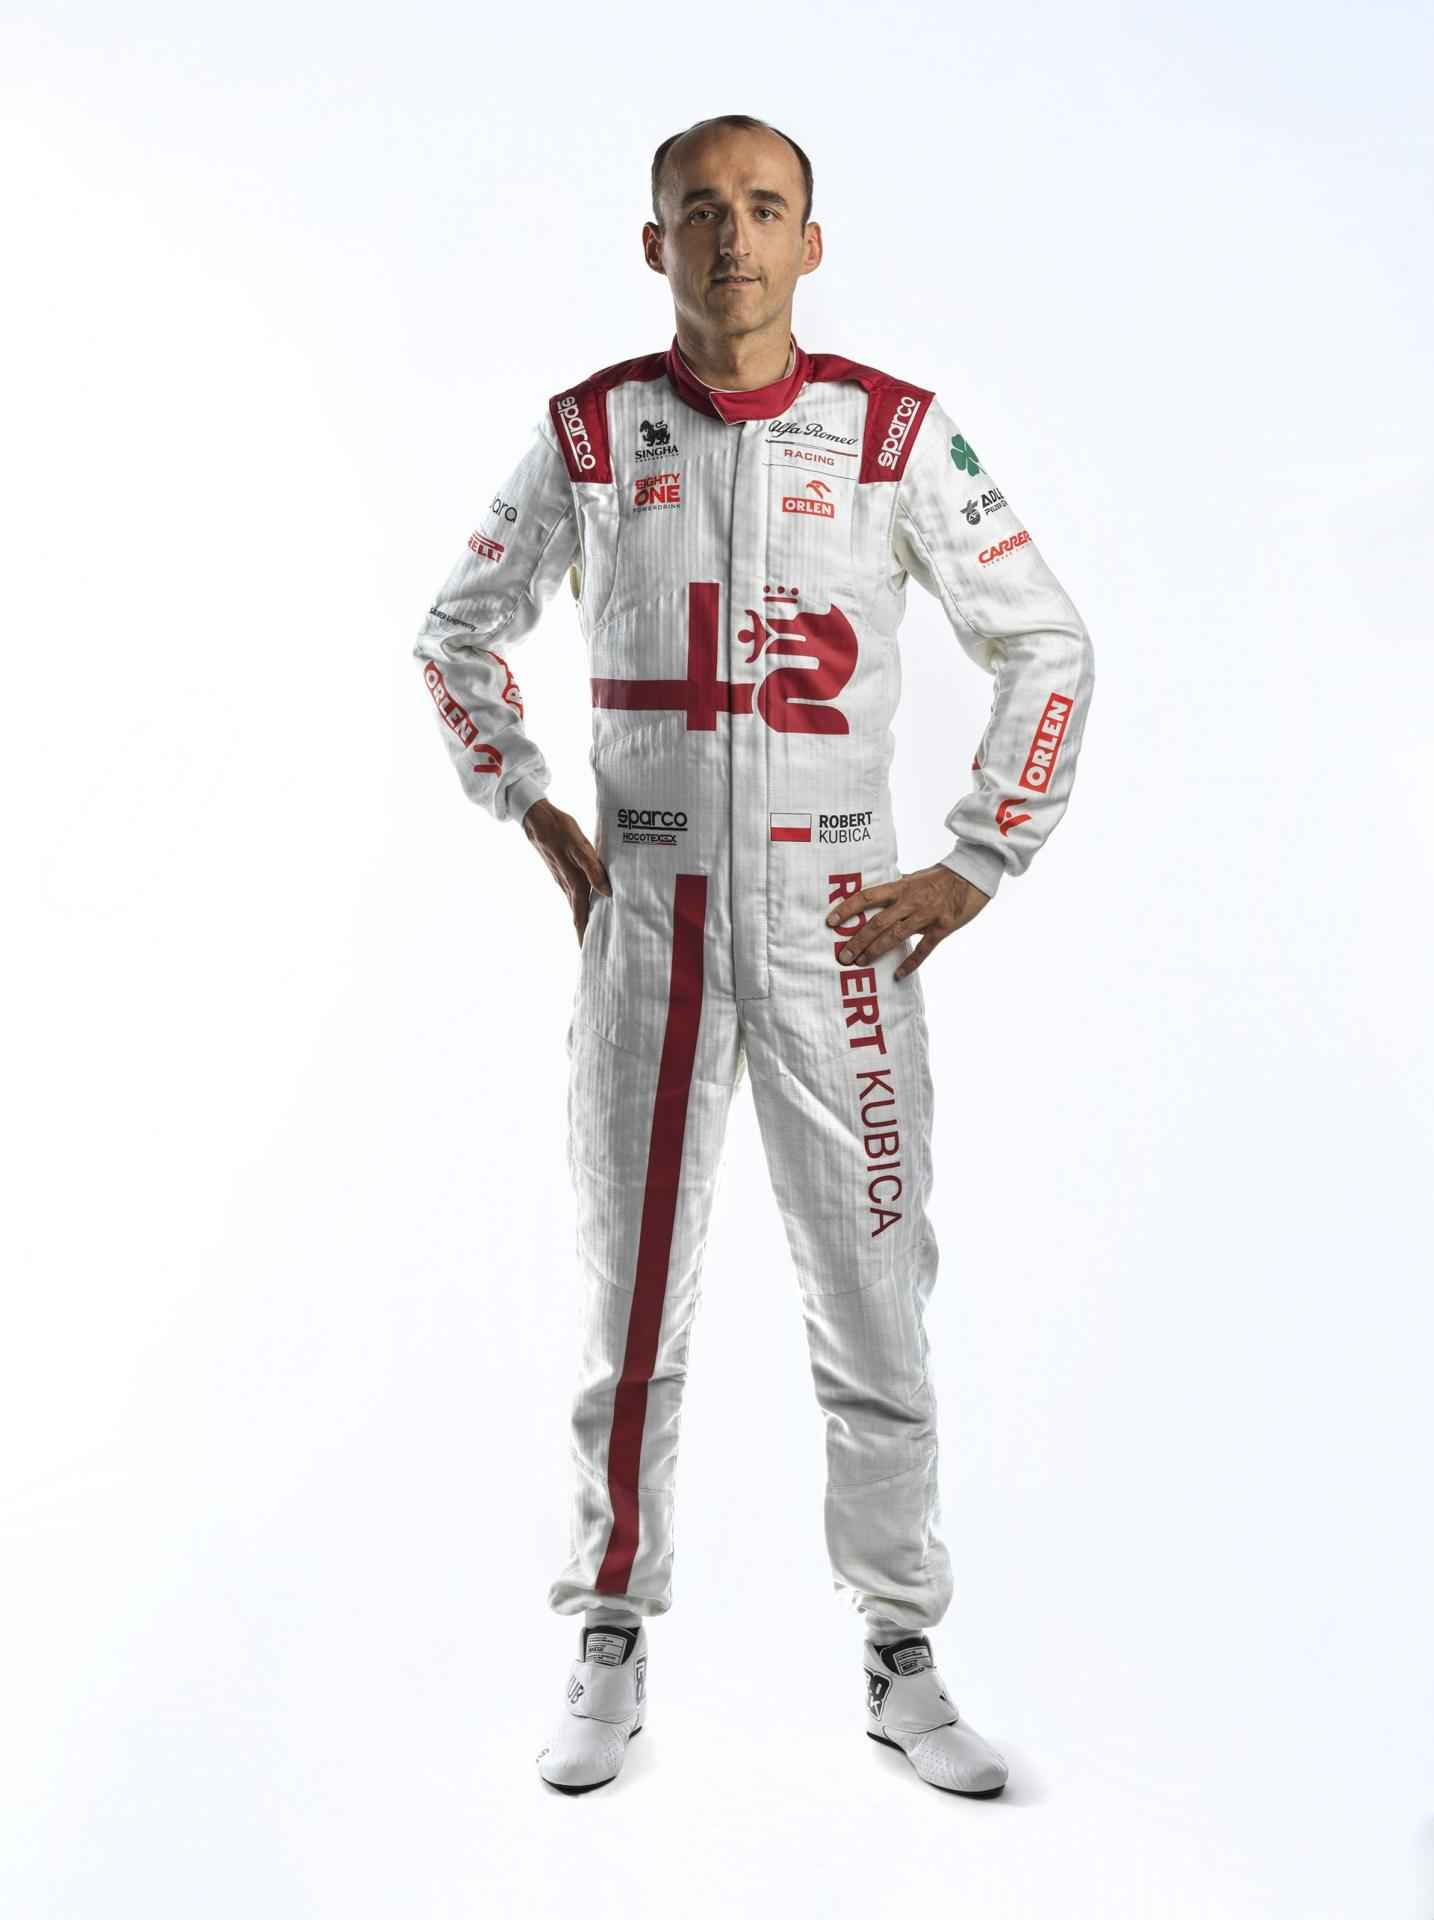 Robert-Kubica-Race-Suit-3